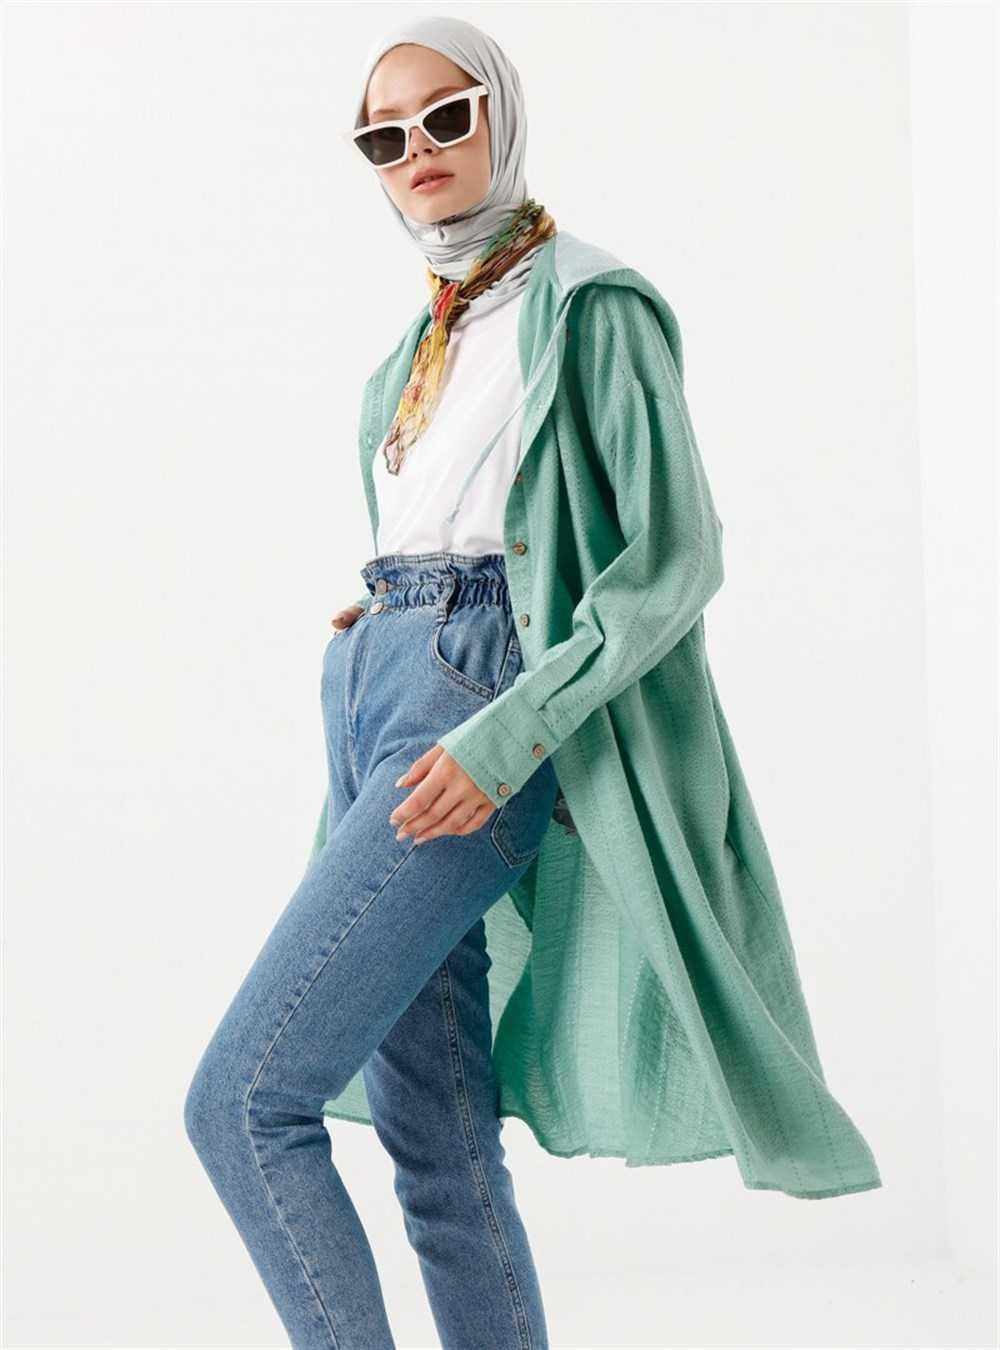 Phull Tesettür Boydan Kapşonlu Yeşil Tunik Modelleri